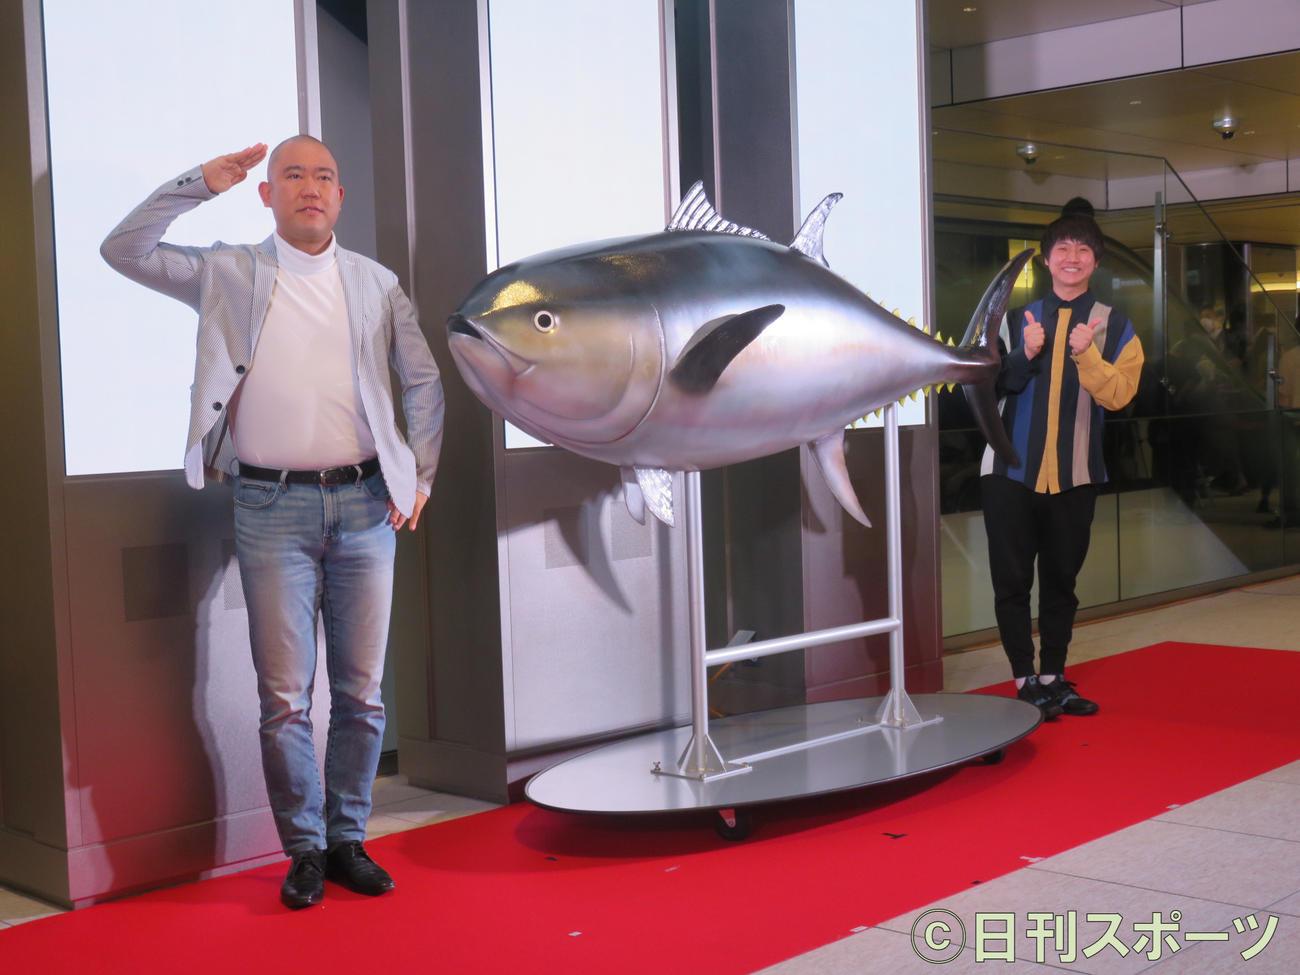 「近畿大学水産研究所 はなれ」の開店記念トークショーに出演したコロコロチキチキペッパーズのナダル(左)と西野創人